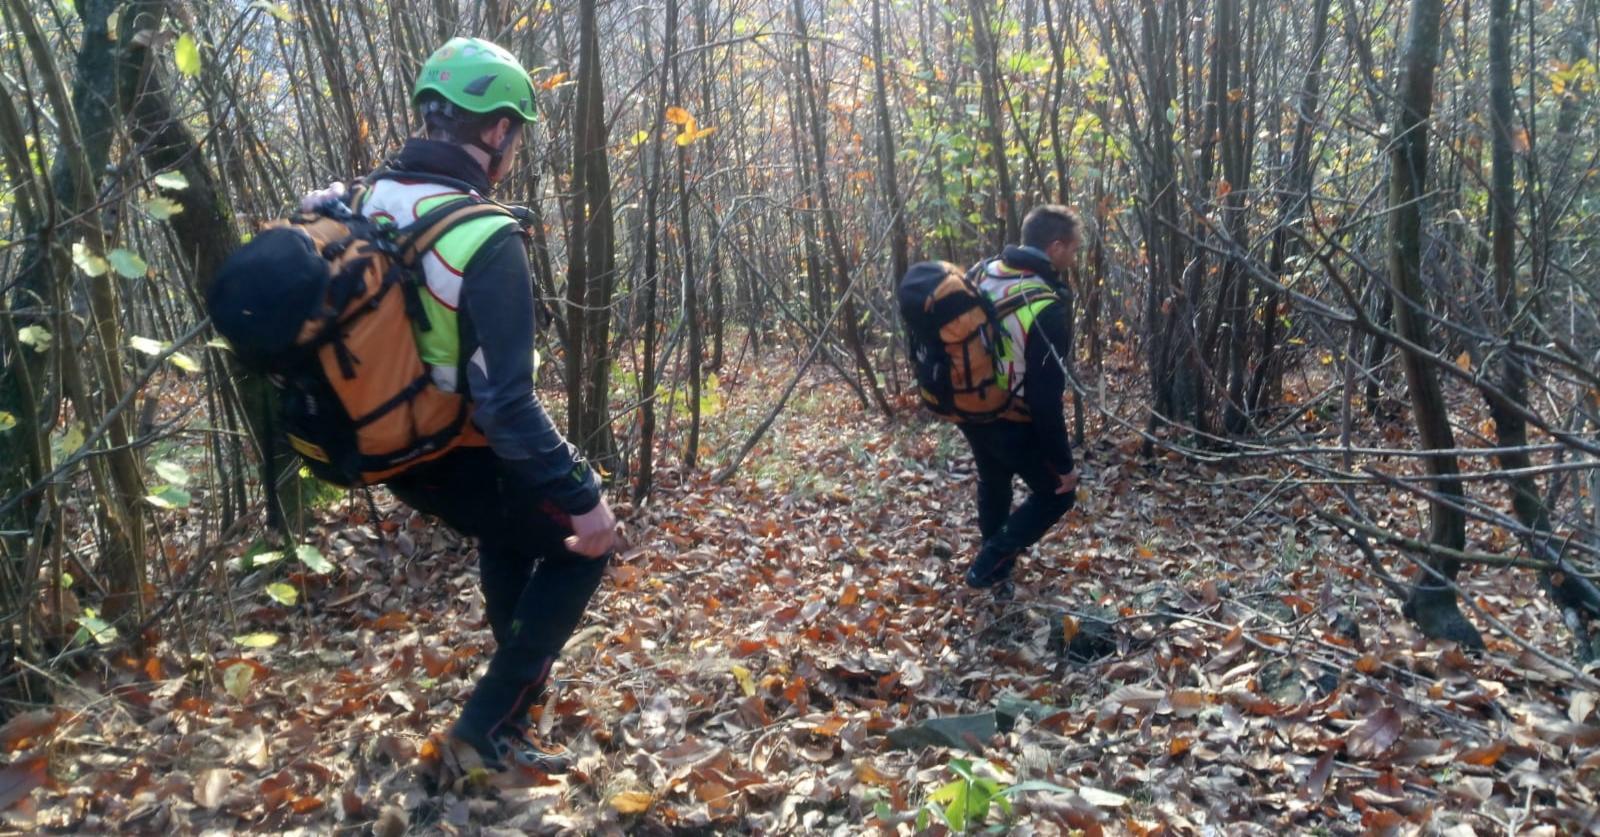 La Stazione Monte Falterona del Soccorso Alpino Toscano in aiuto ad una cercatrice di funghi infortunatasi nel bosco